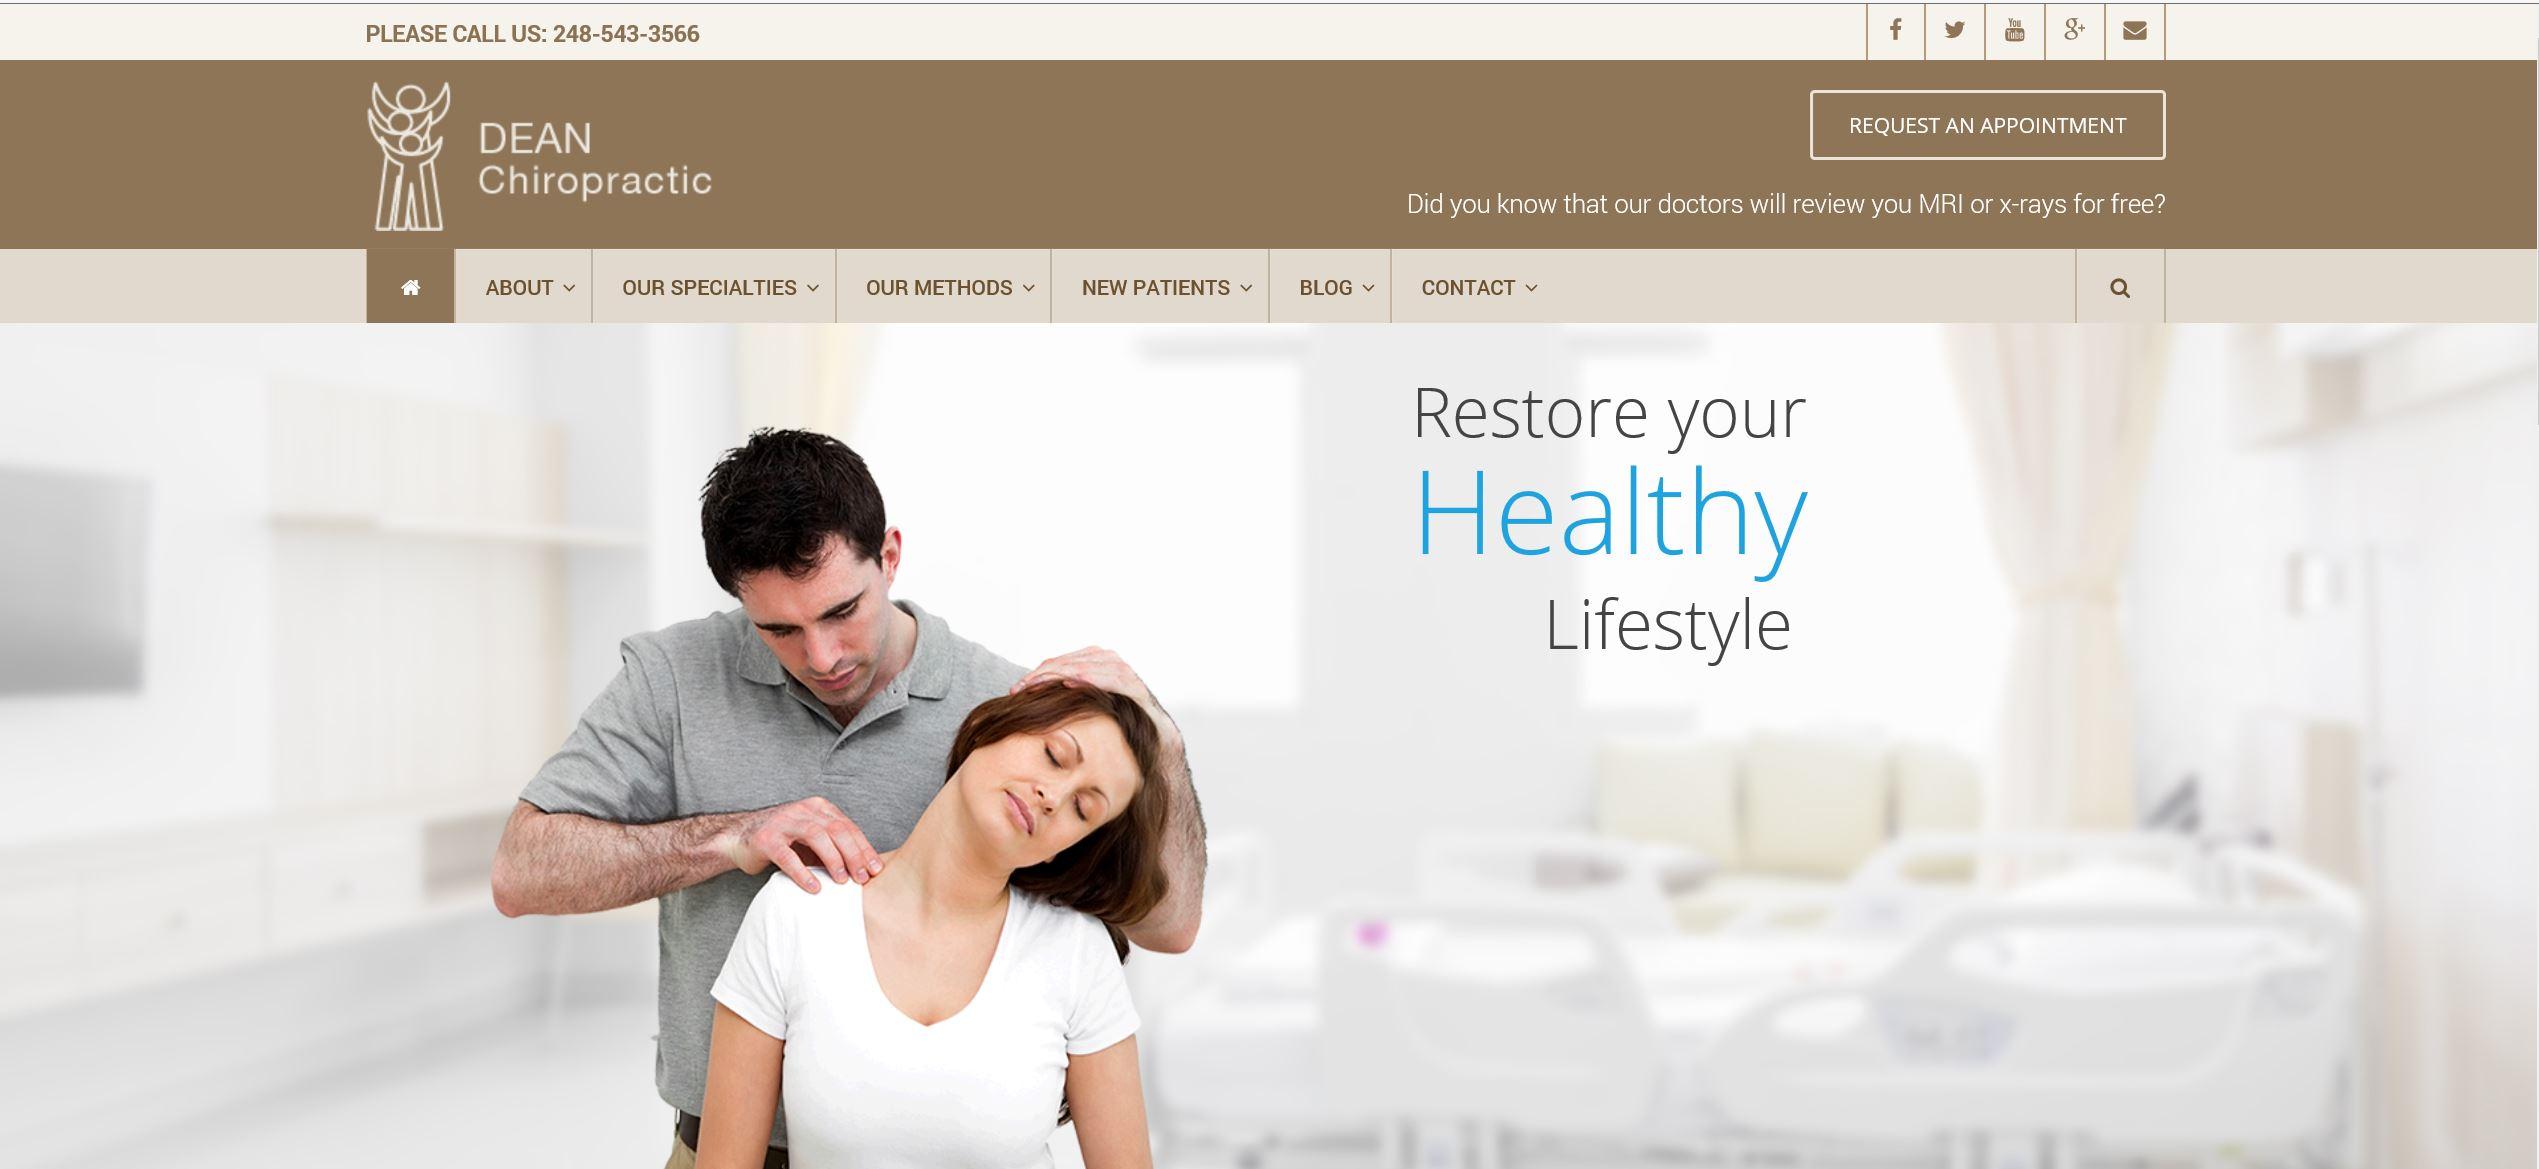 Dean Chiropractic Website